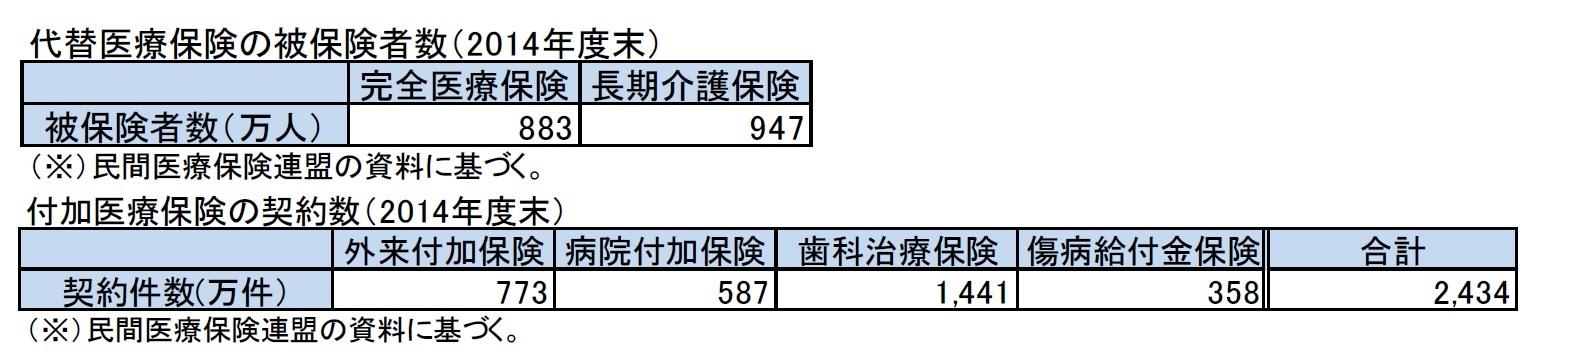 代替医療保険の被保険者数(2014年度末)/付加医療保険の契約数(2014年度末)